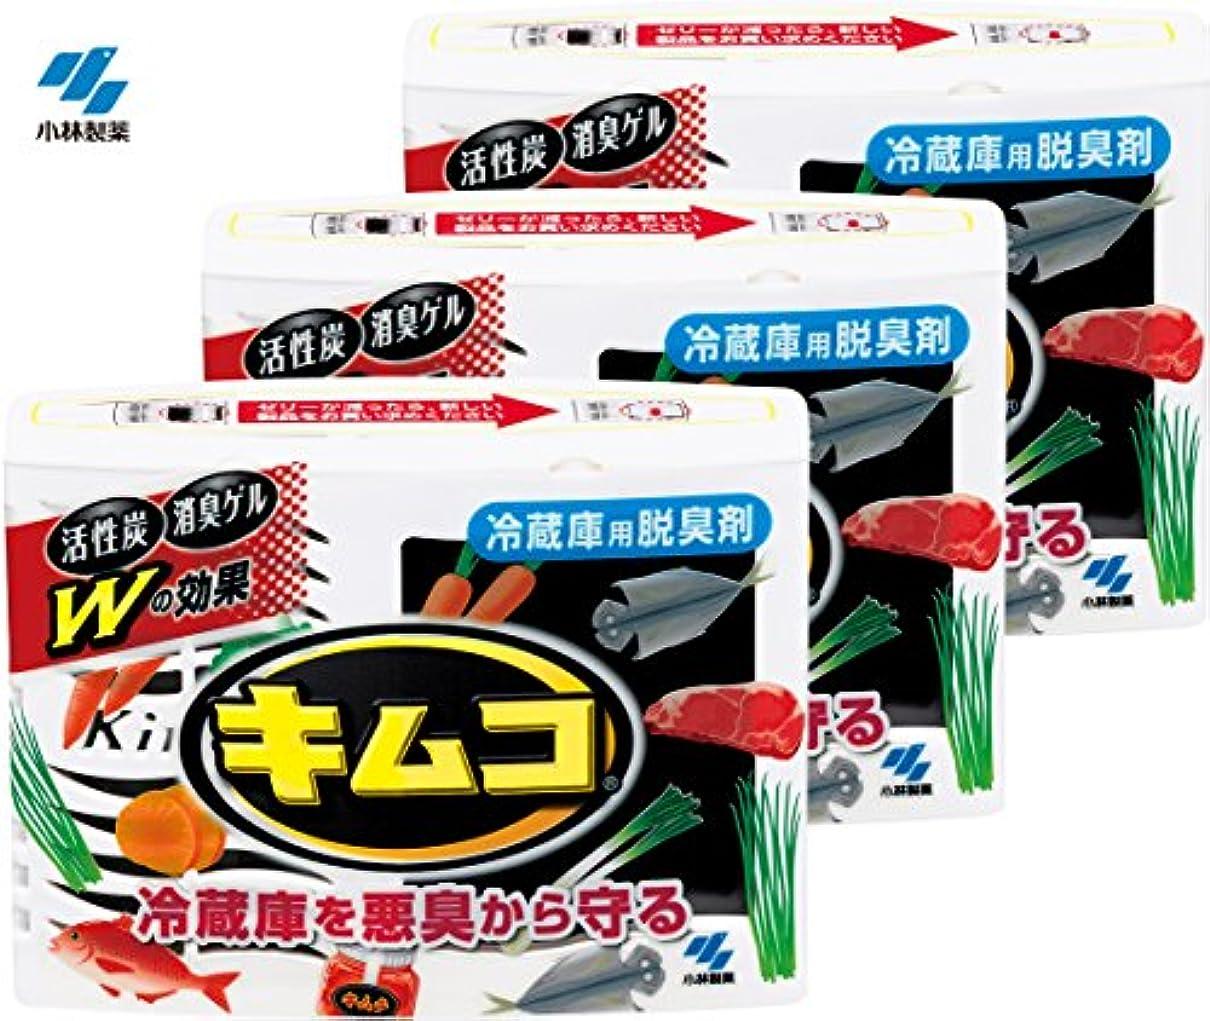 提供簡略化する汗【まとめ買い】キムコ 冷蔵庫脱臭剤 冷蔵庫用 効き目約6ヶ月×3個